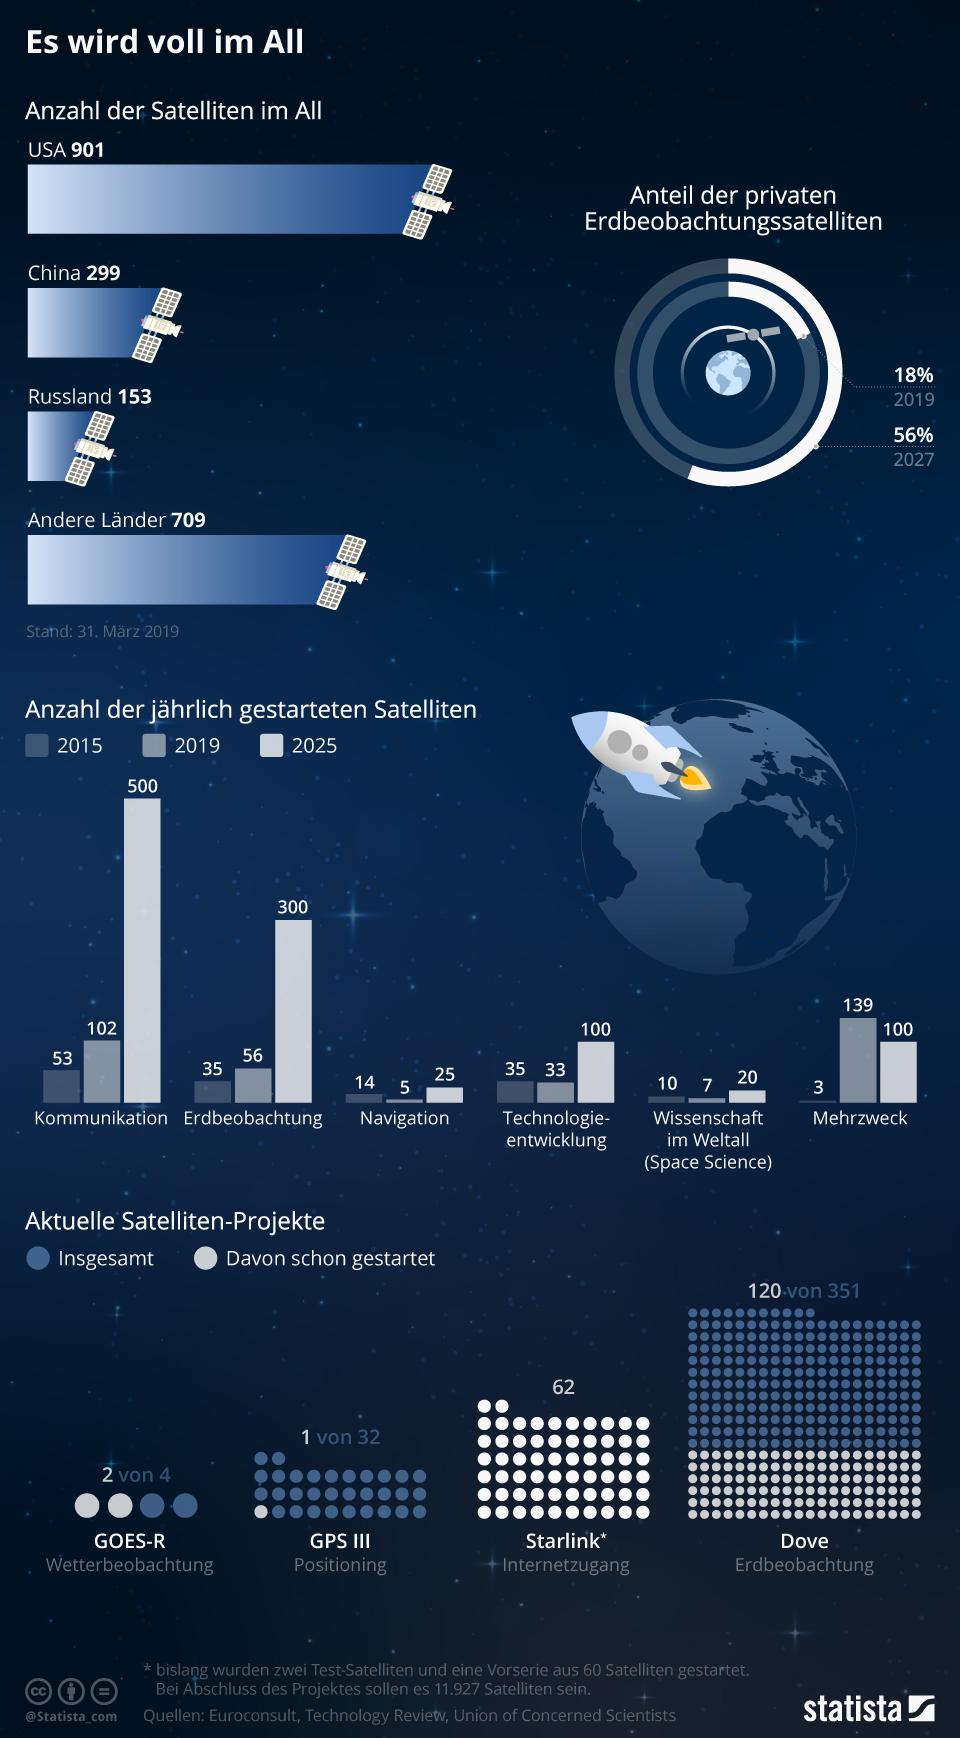 Infografik: Es wird voll im All | Statista